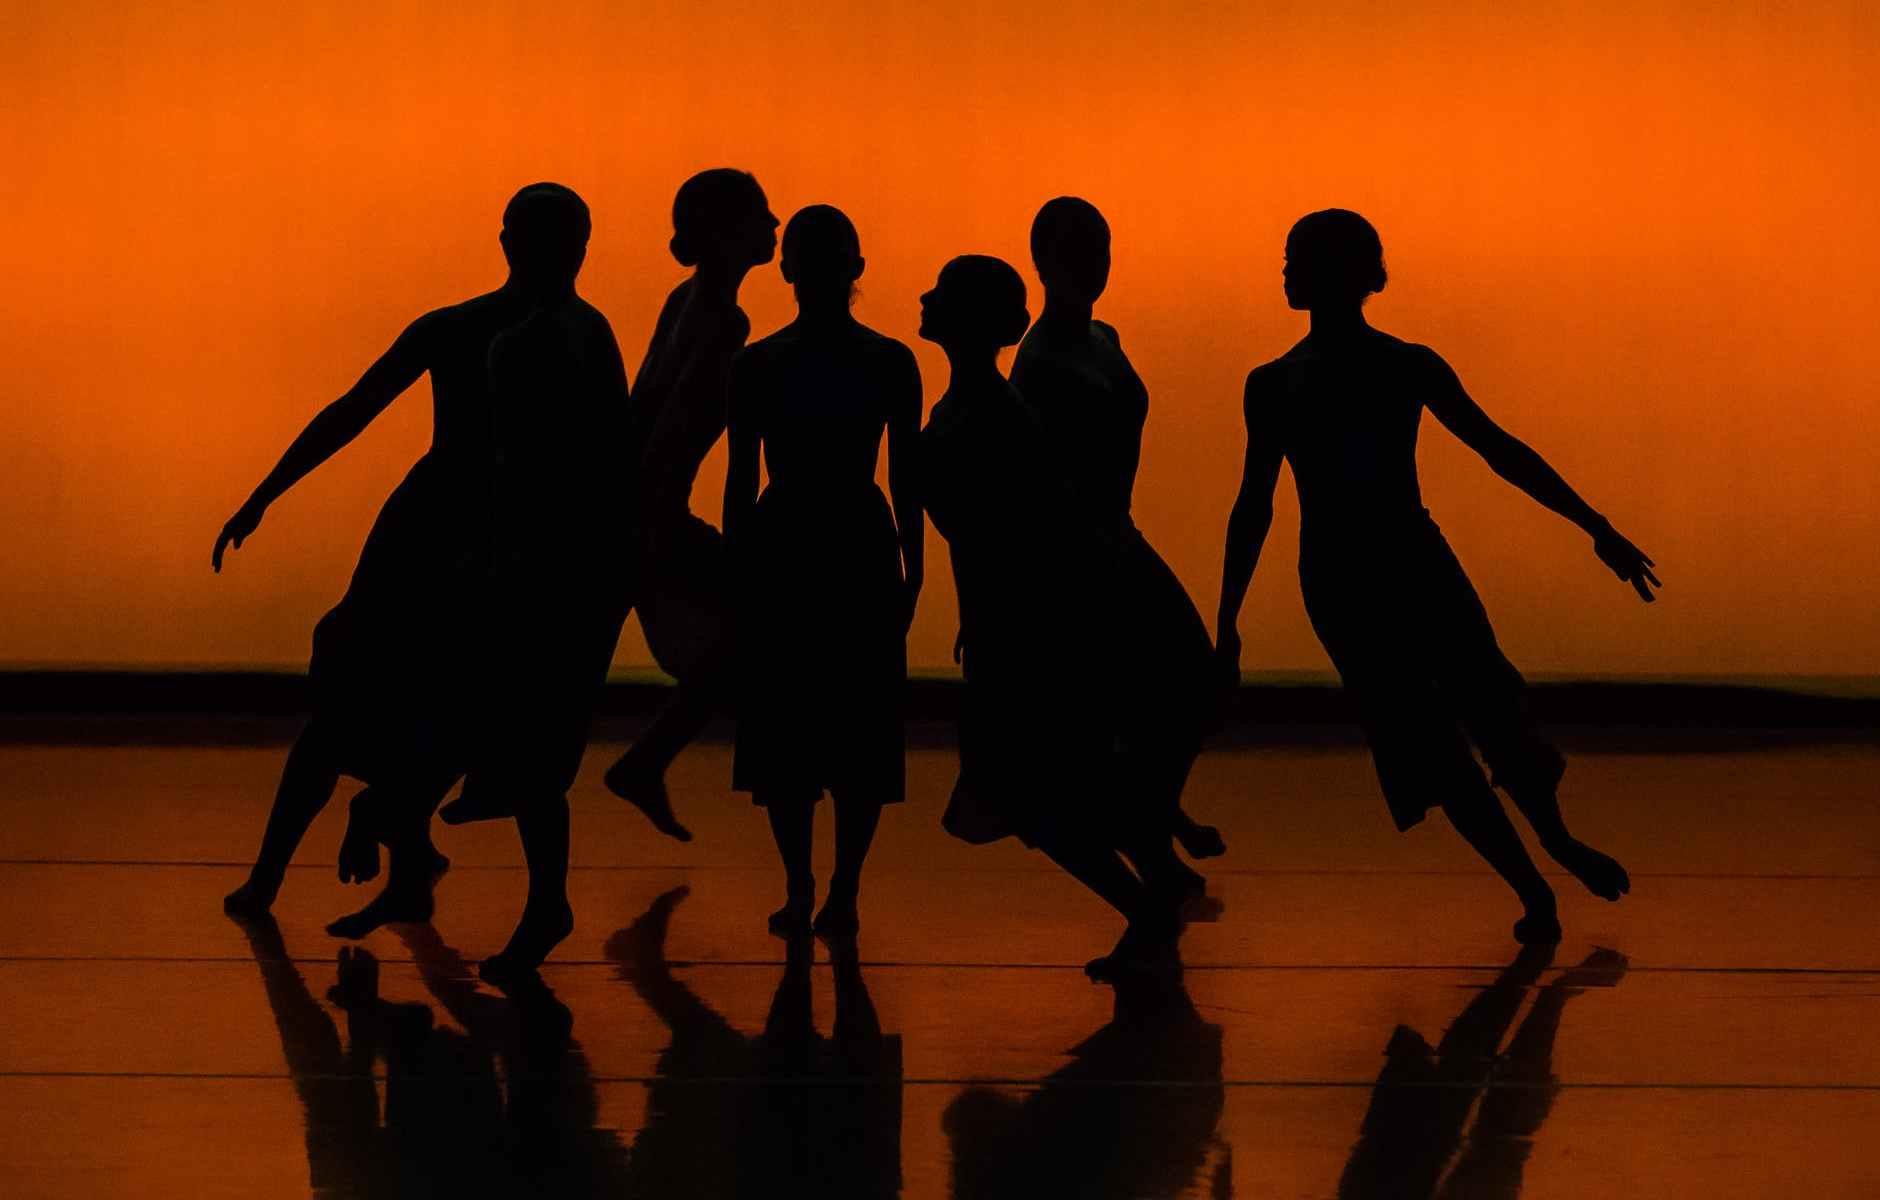 danza-ragazze-profili-ombre